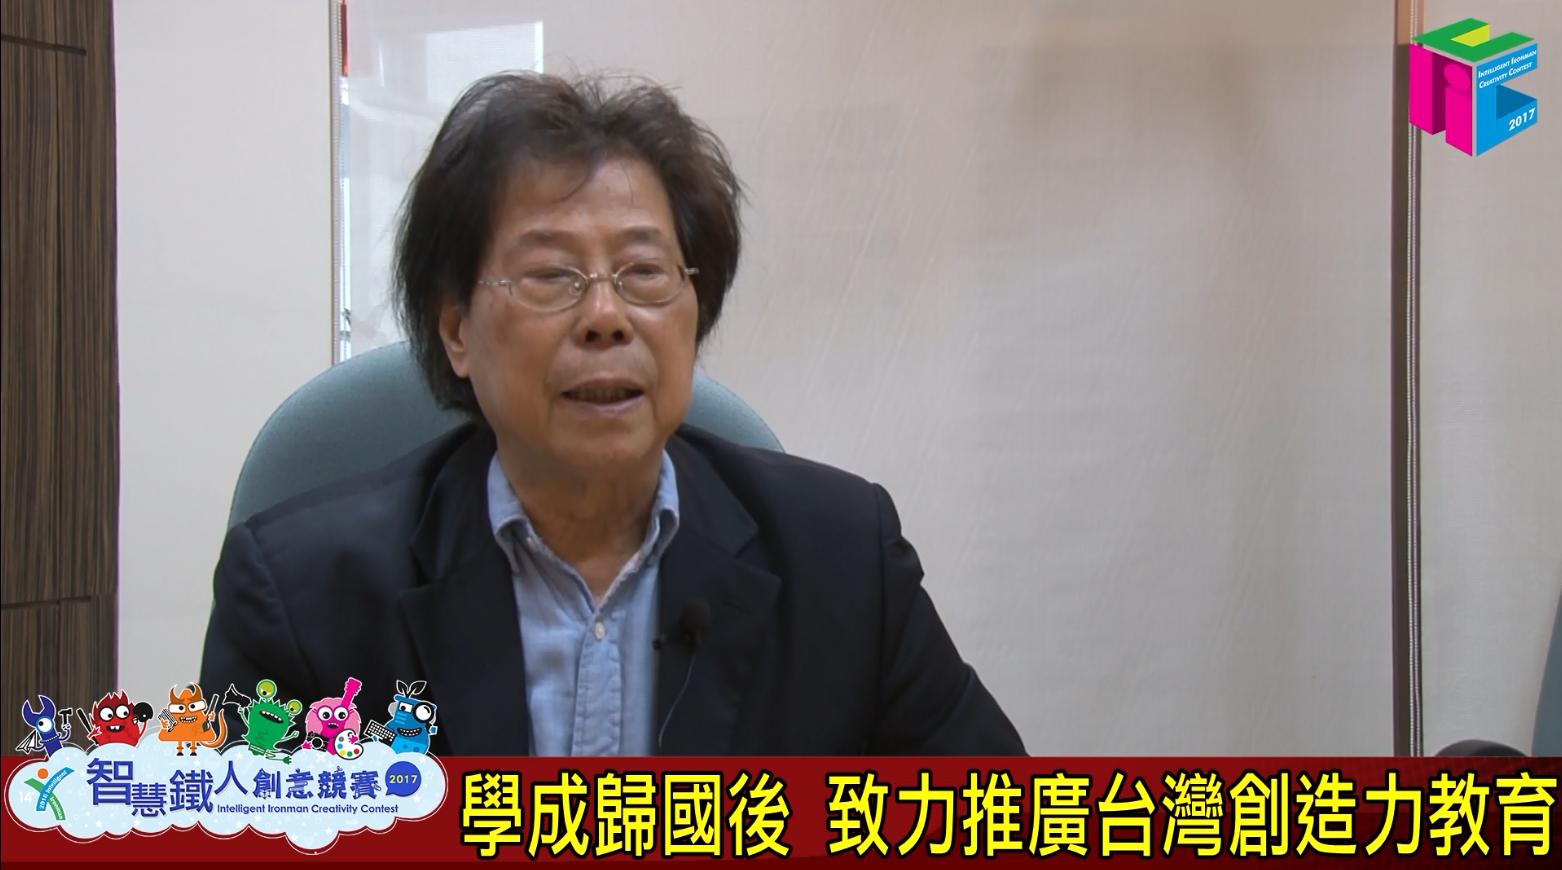 吳靜吉教授 致力推廣台灣創造力教育